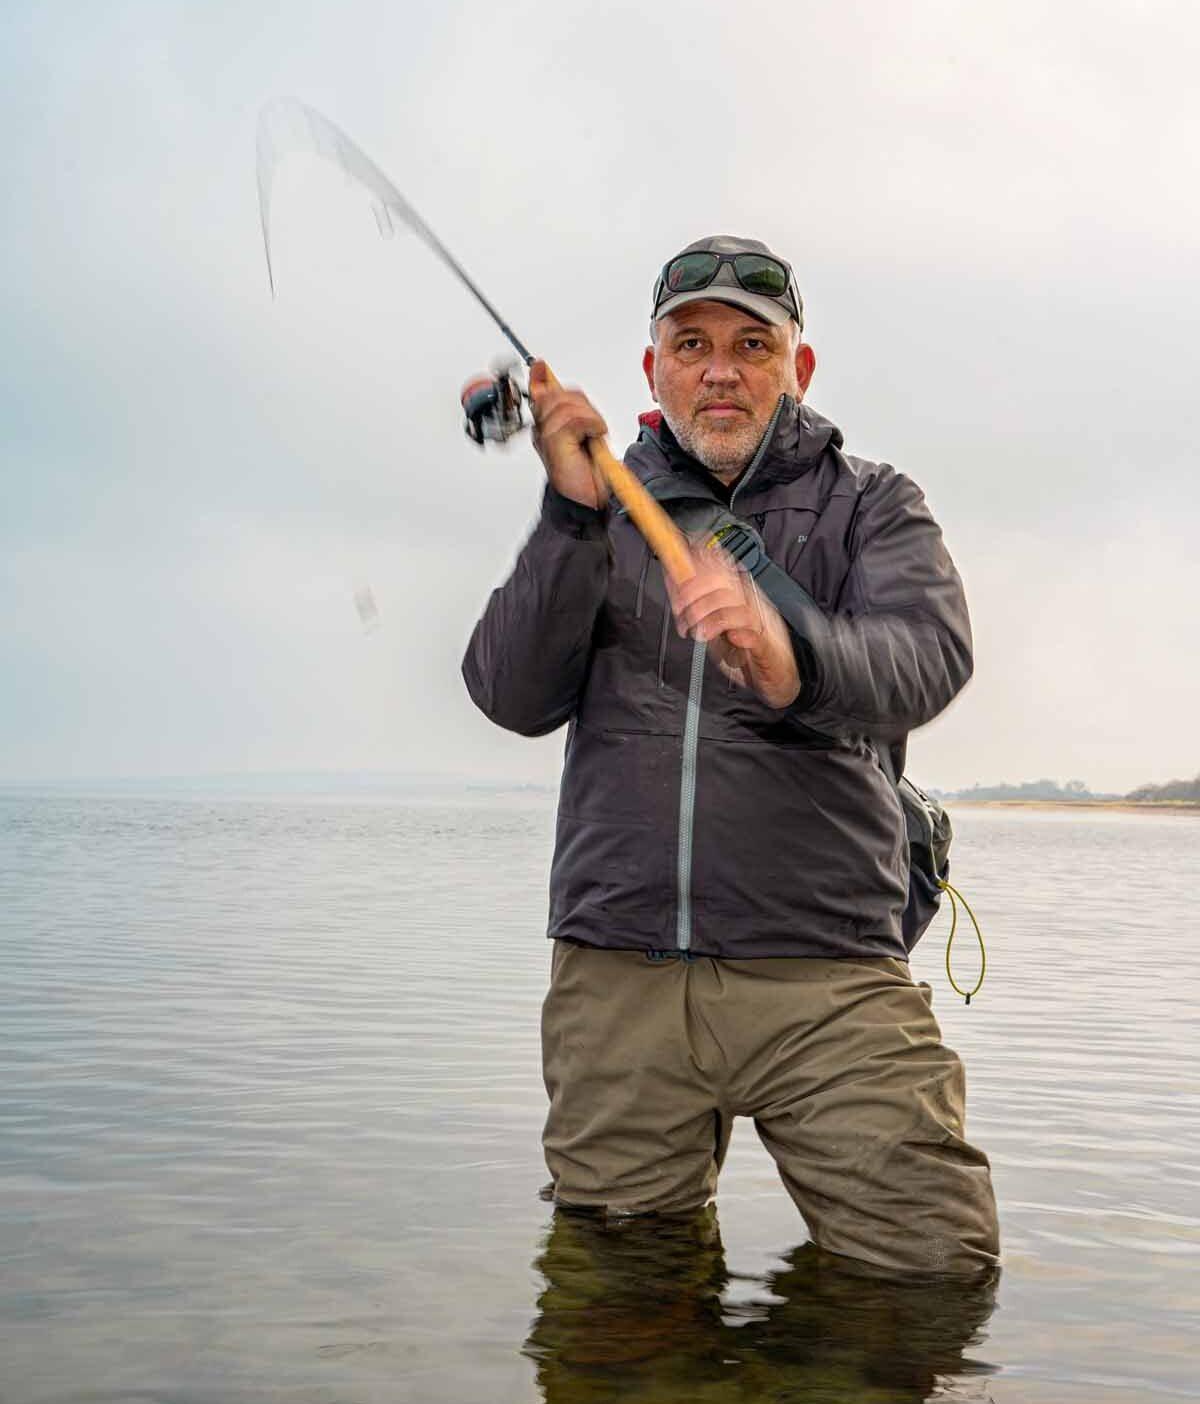 Mit einem dünnen Geflecht erreicht ein geübter Werfer mit der TECoast locker 70 Meter. Manchmal ist das an der Küste nötig! Foto: F. Pippardt